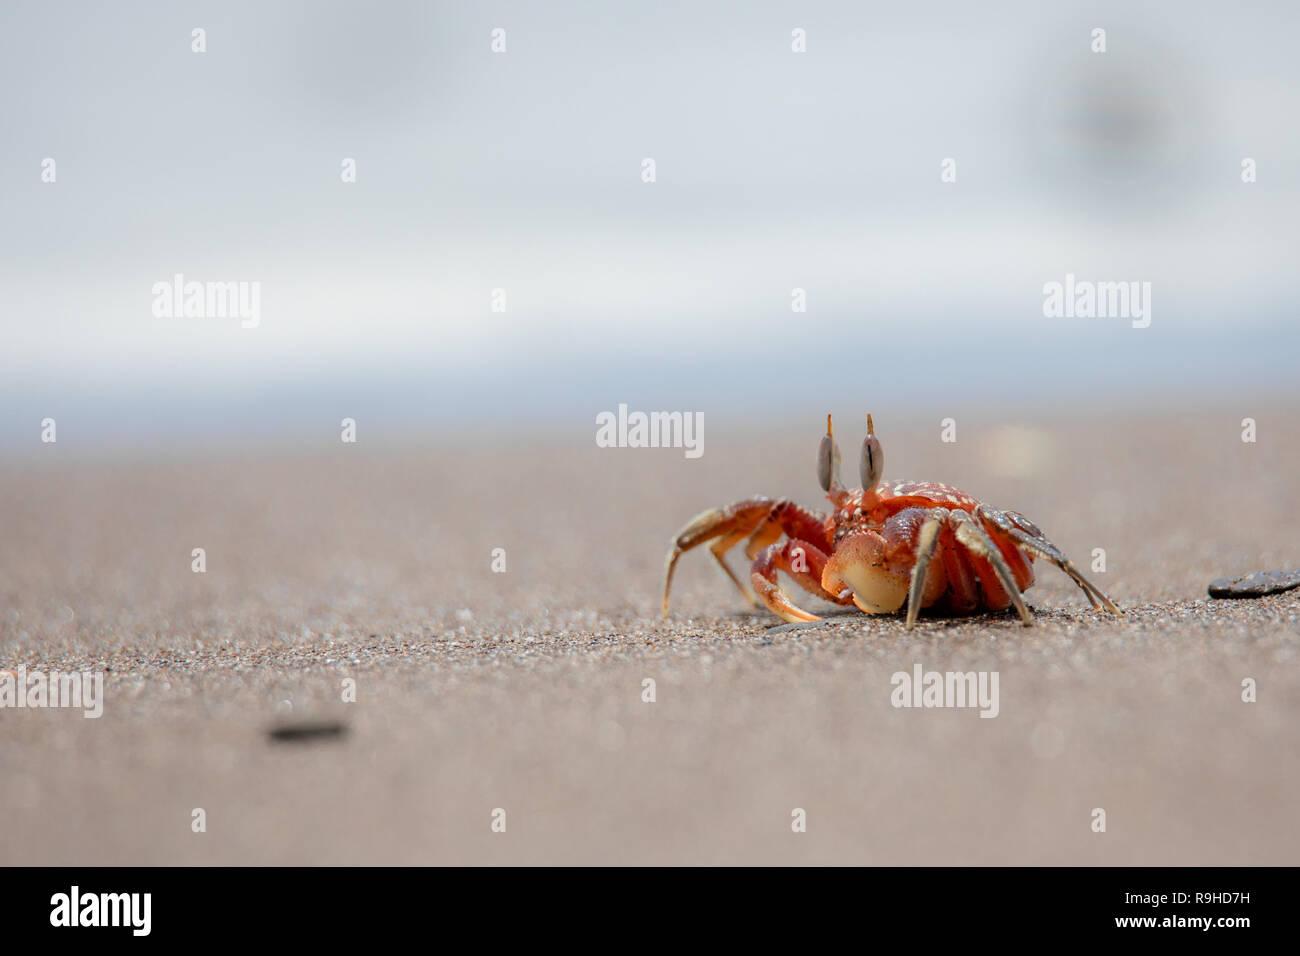 Rojo cangrejo fantasma fantasma cangrejo rojo de la Isla de la Plata Ecuador Foto de stock